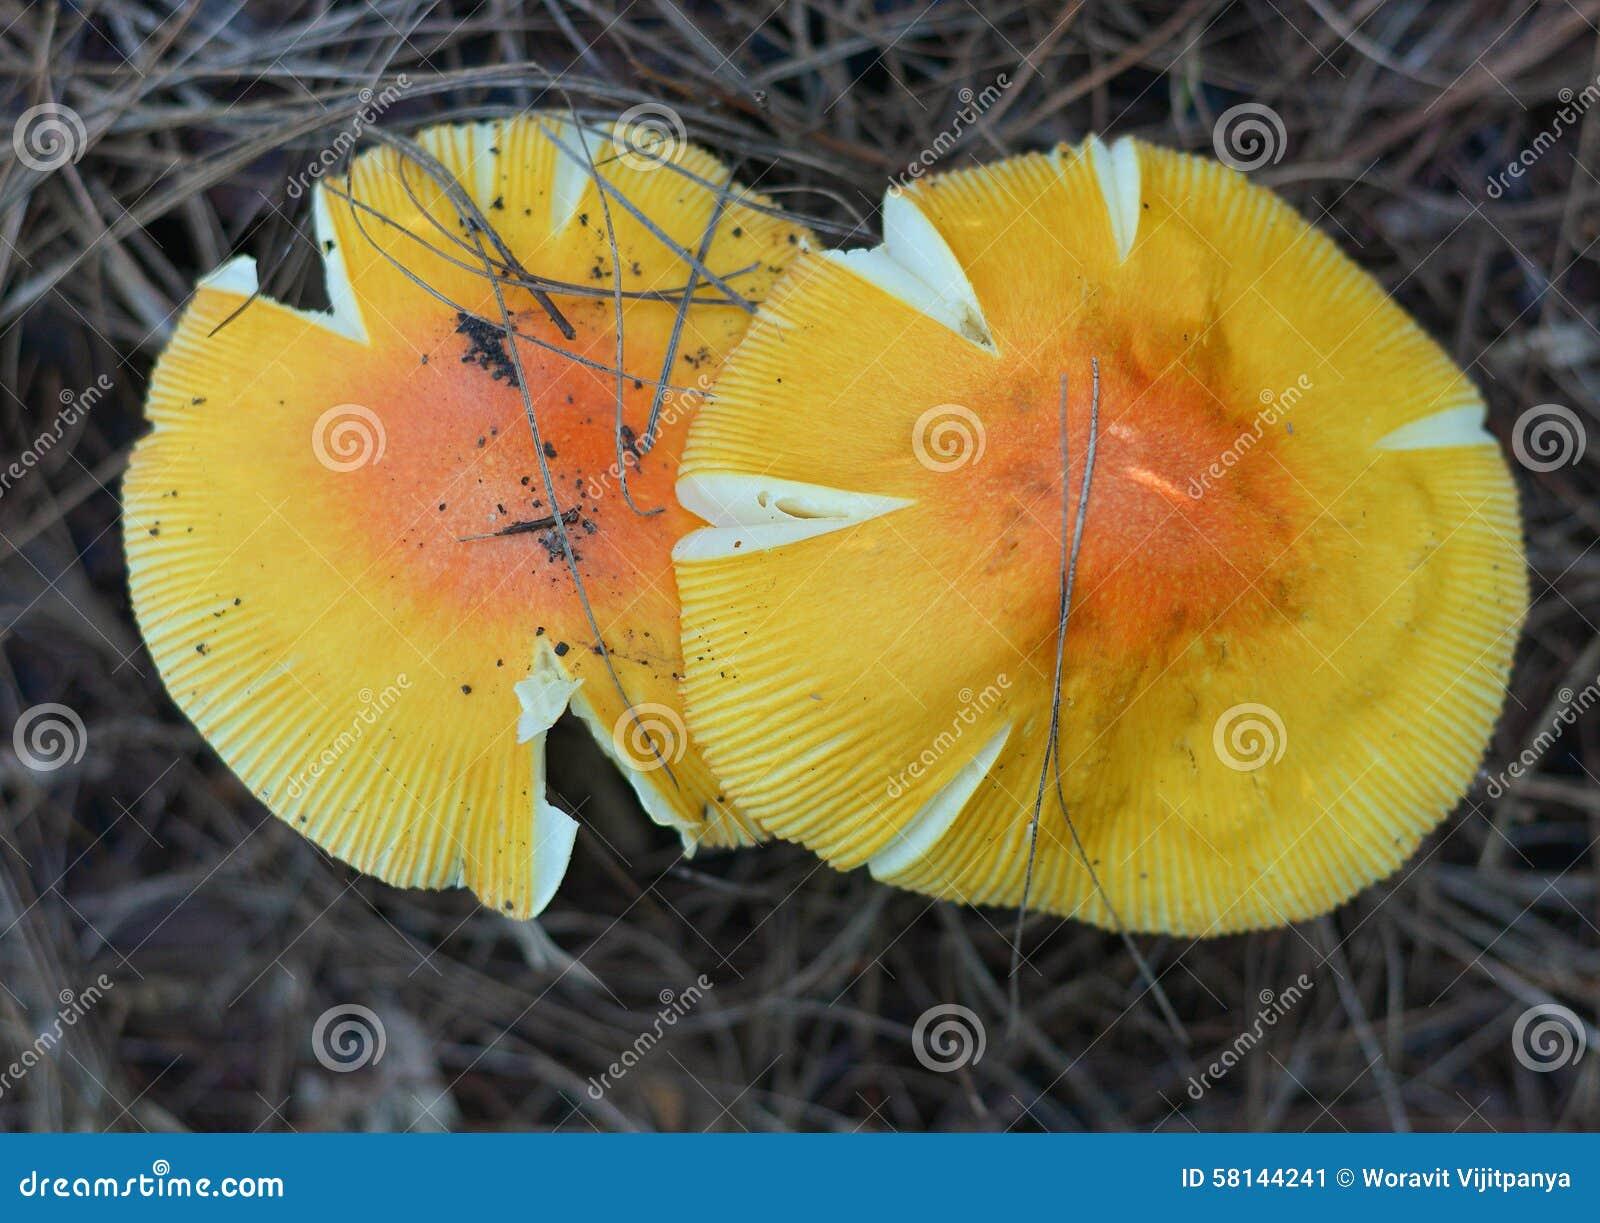 грибы фото желтые